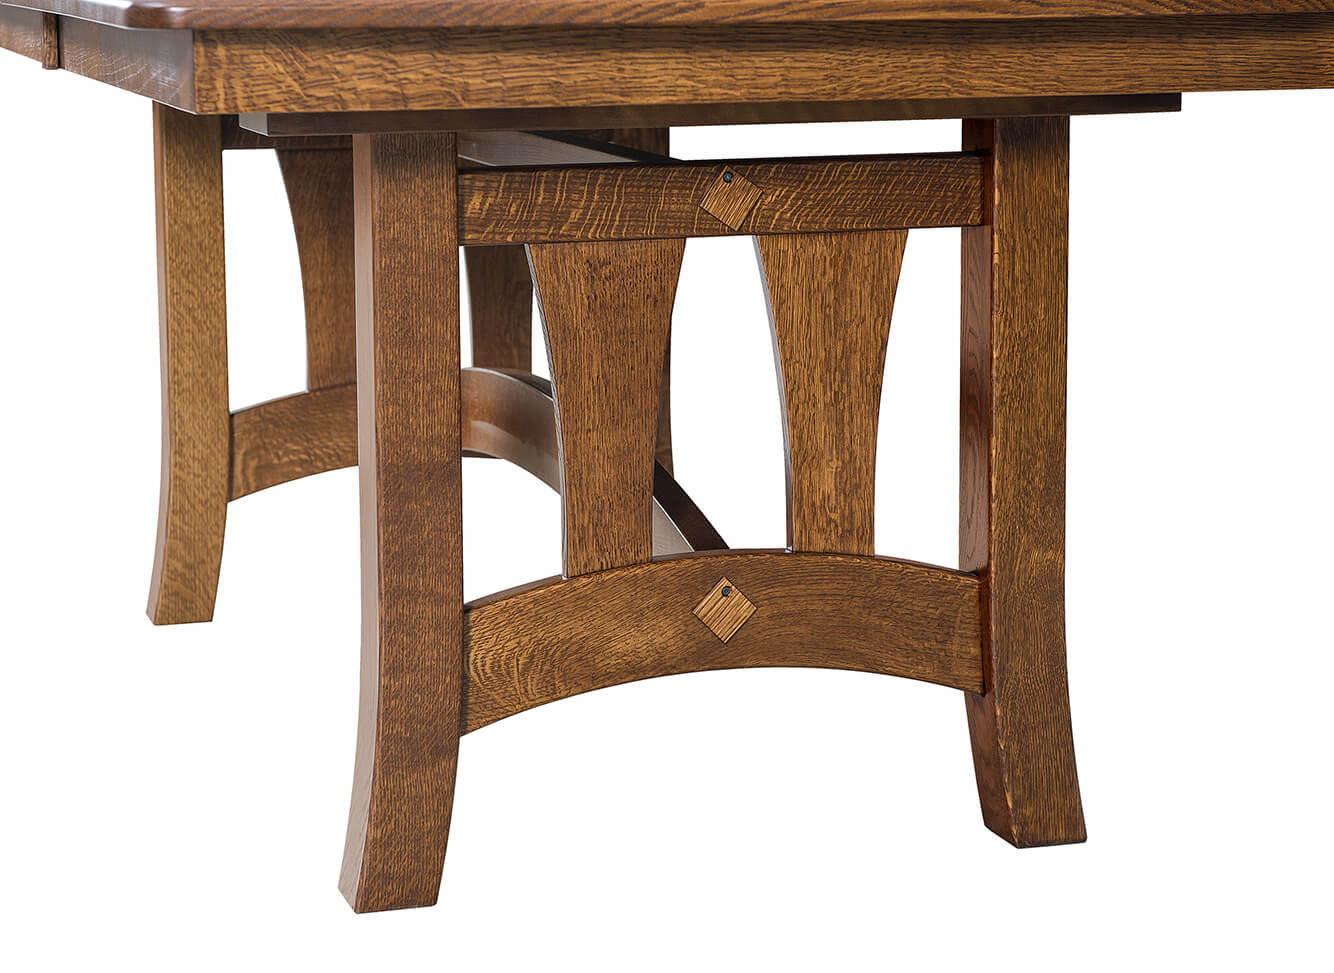 Naperville Trestle Table Detail